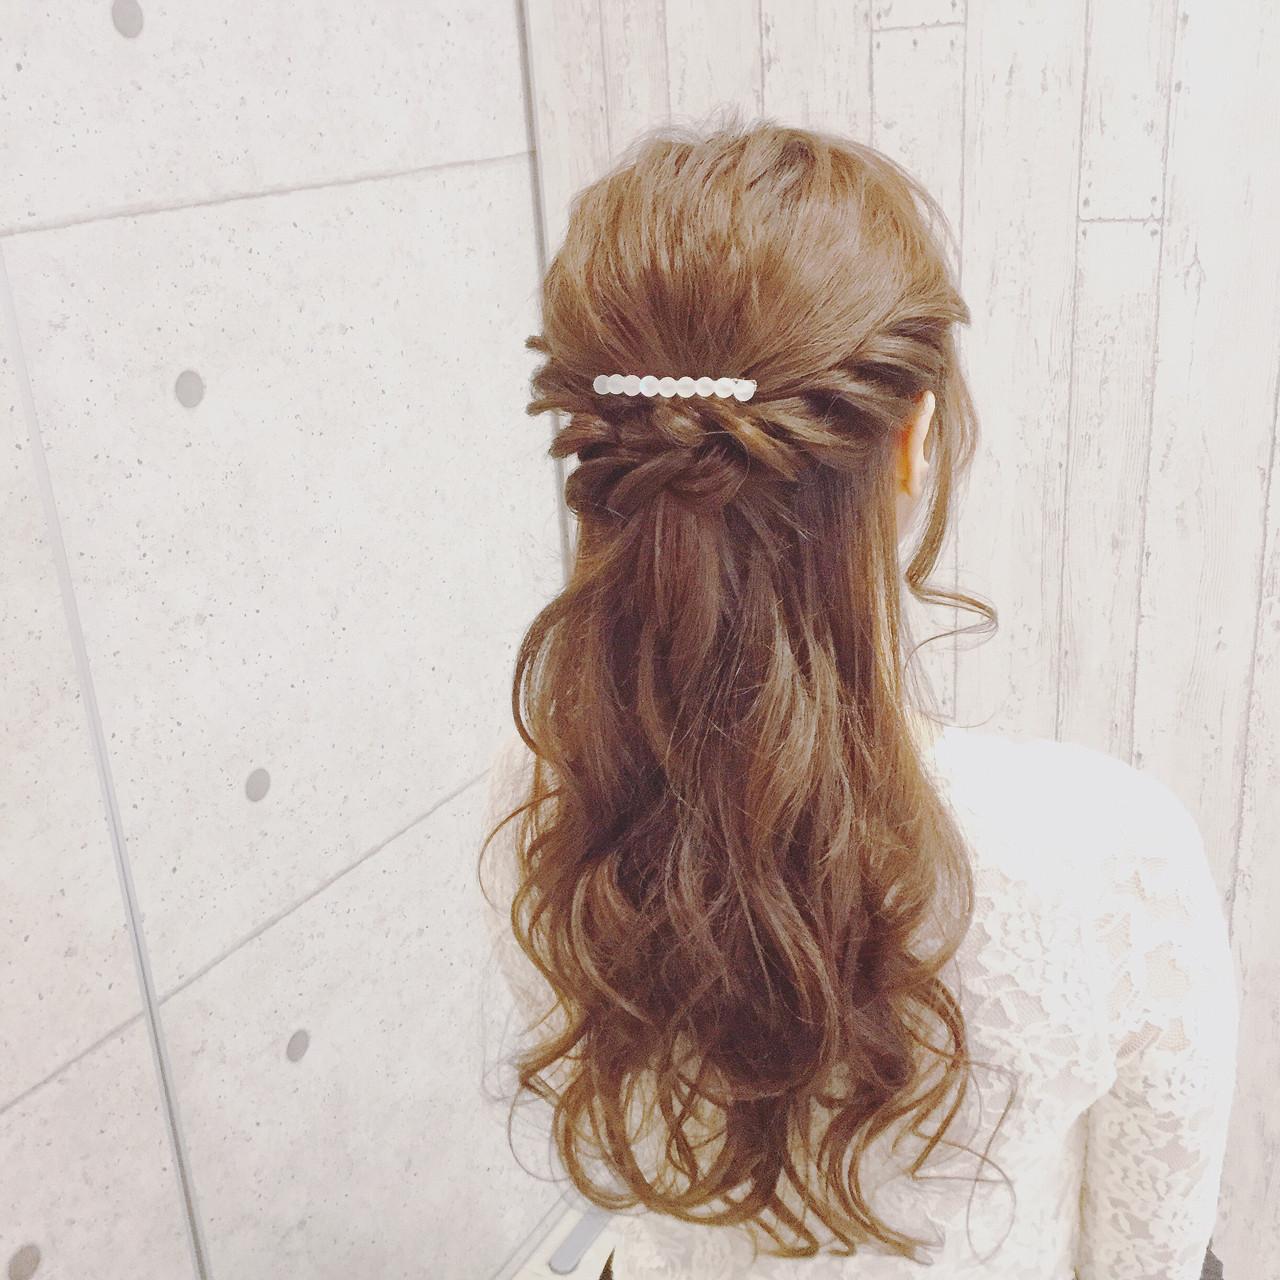 フェミニン全開のロングヘアのロープ編みアレンジ 髙橋 舞 | GLAMOROUS (グラマラス)